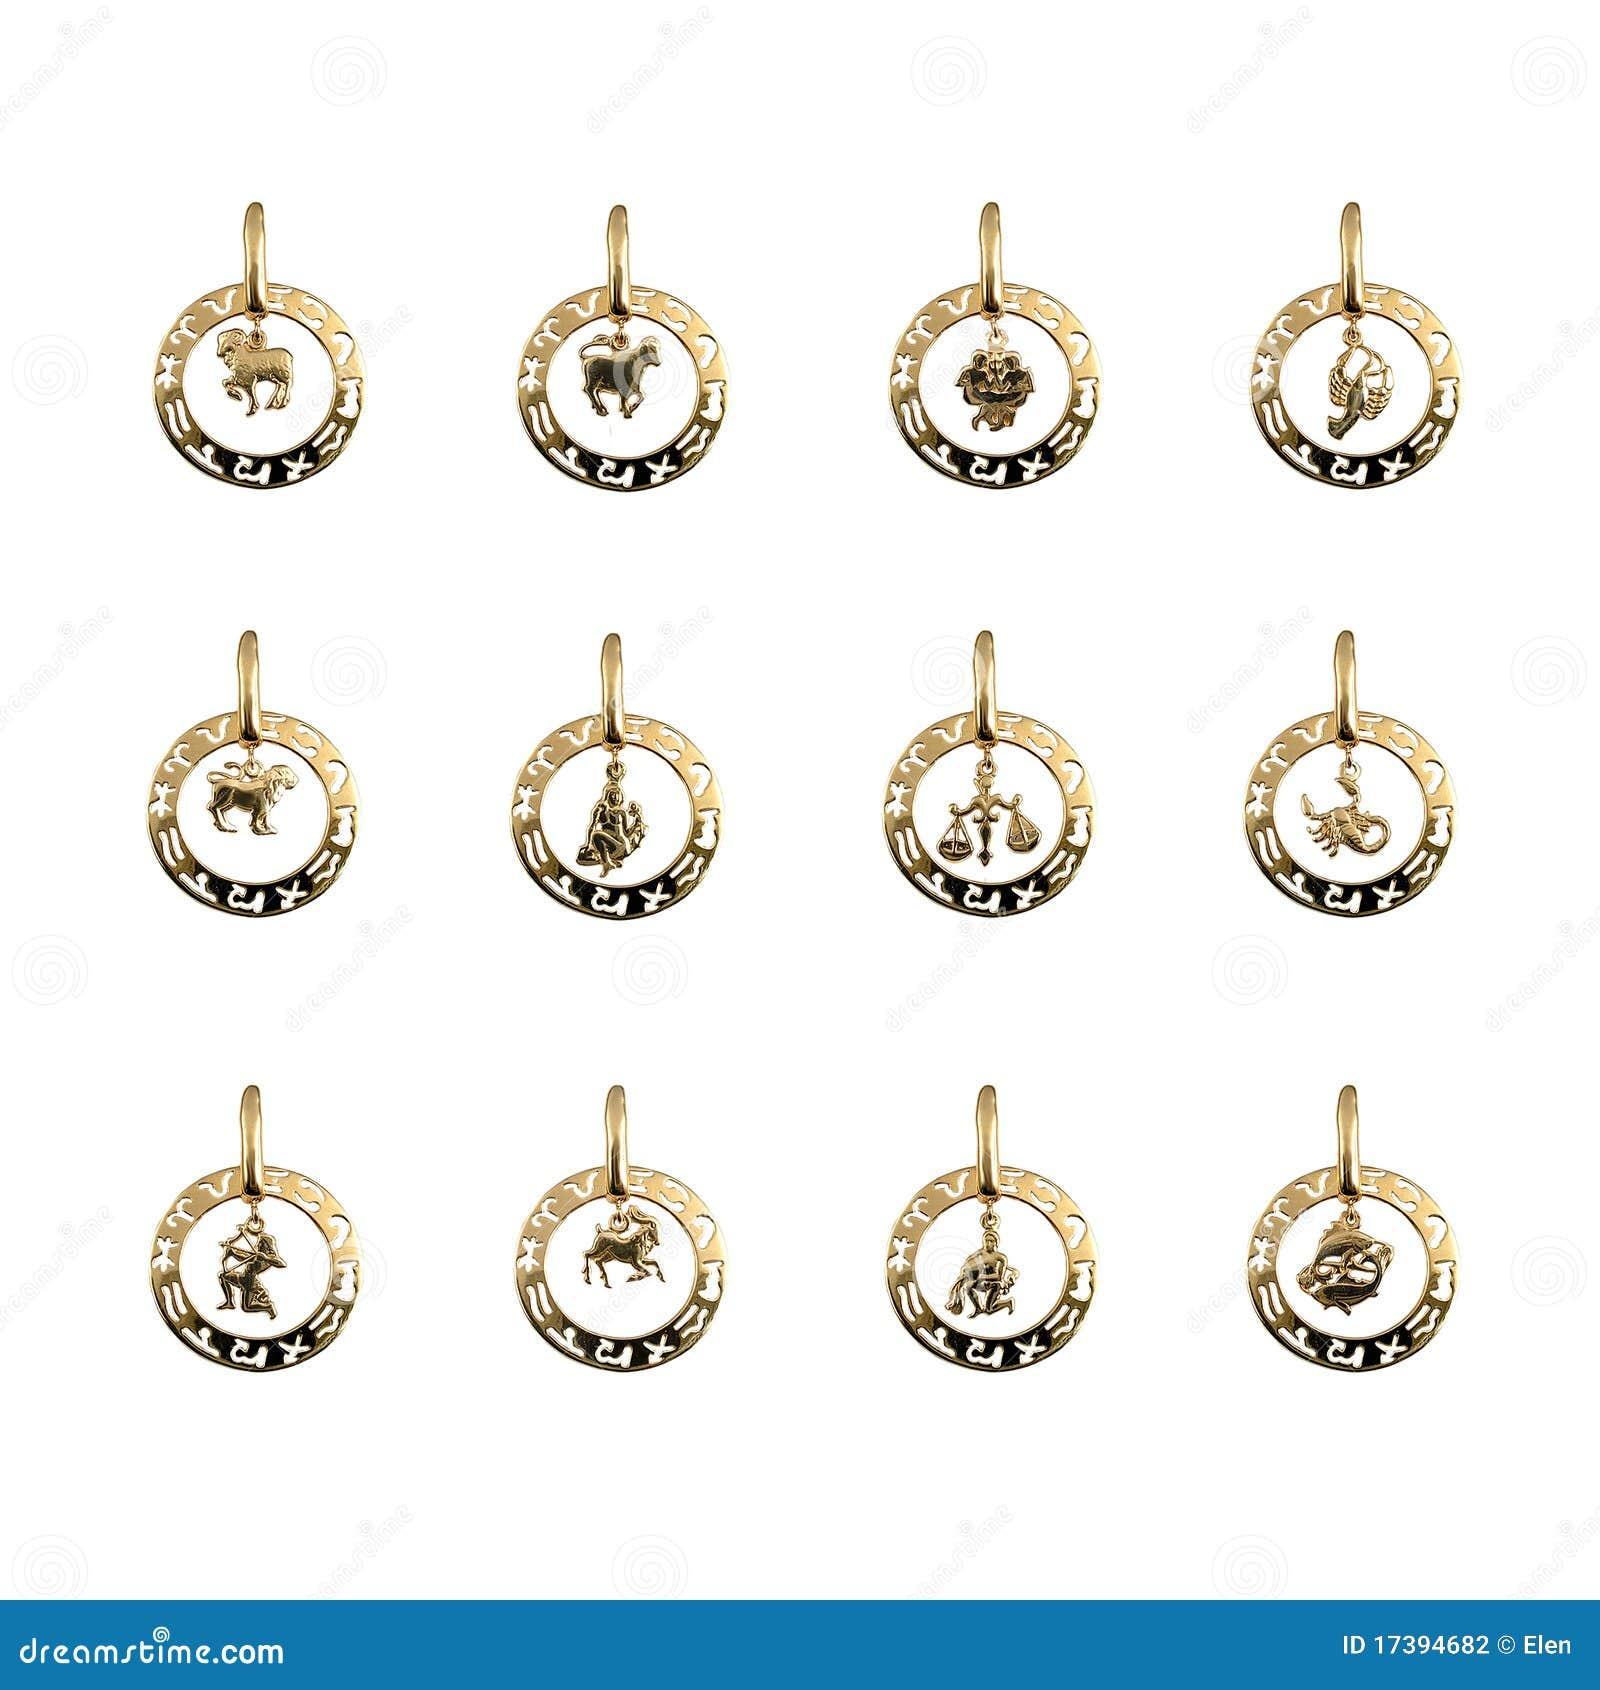 Jewelry - twelve symbols of the zodiac, horoscope